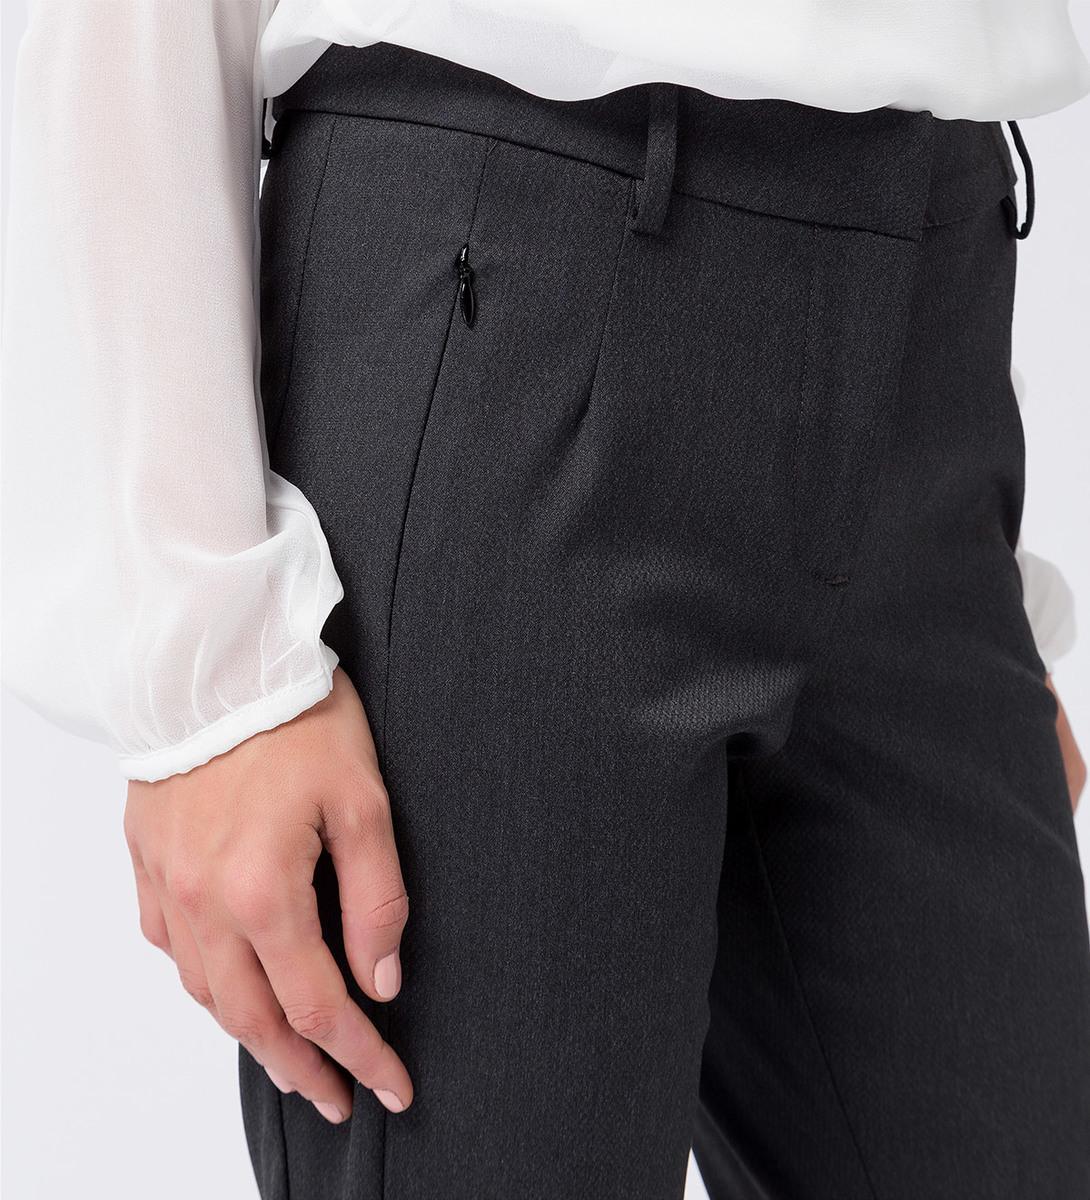 Hose mit Zip-Taschen 30 Inch in anthracite